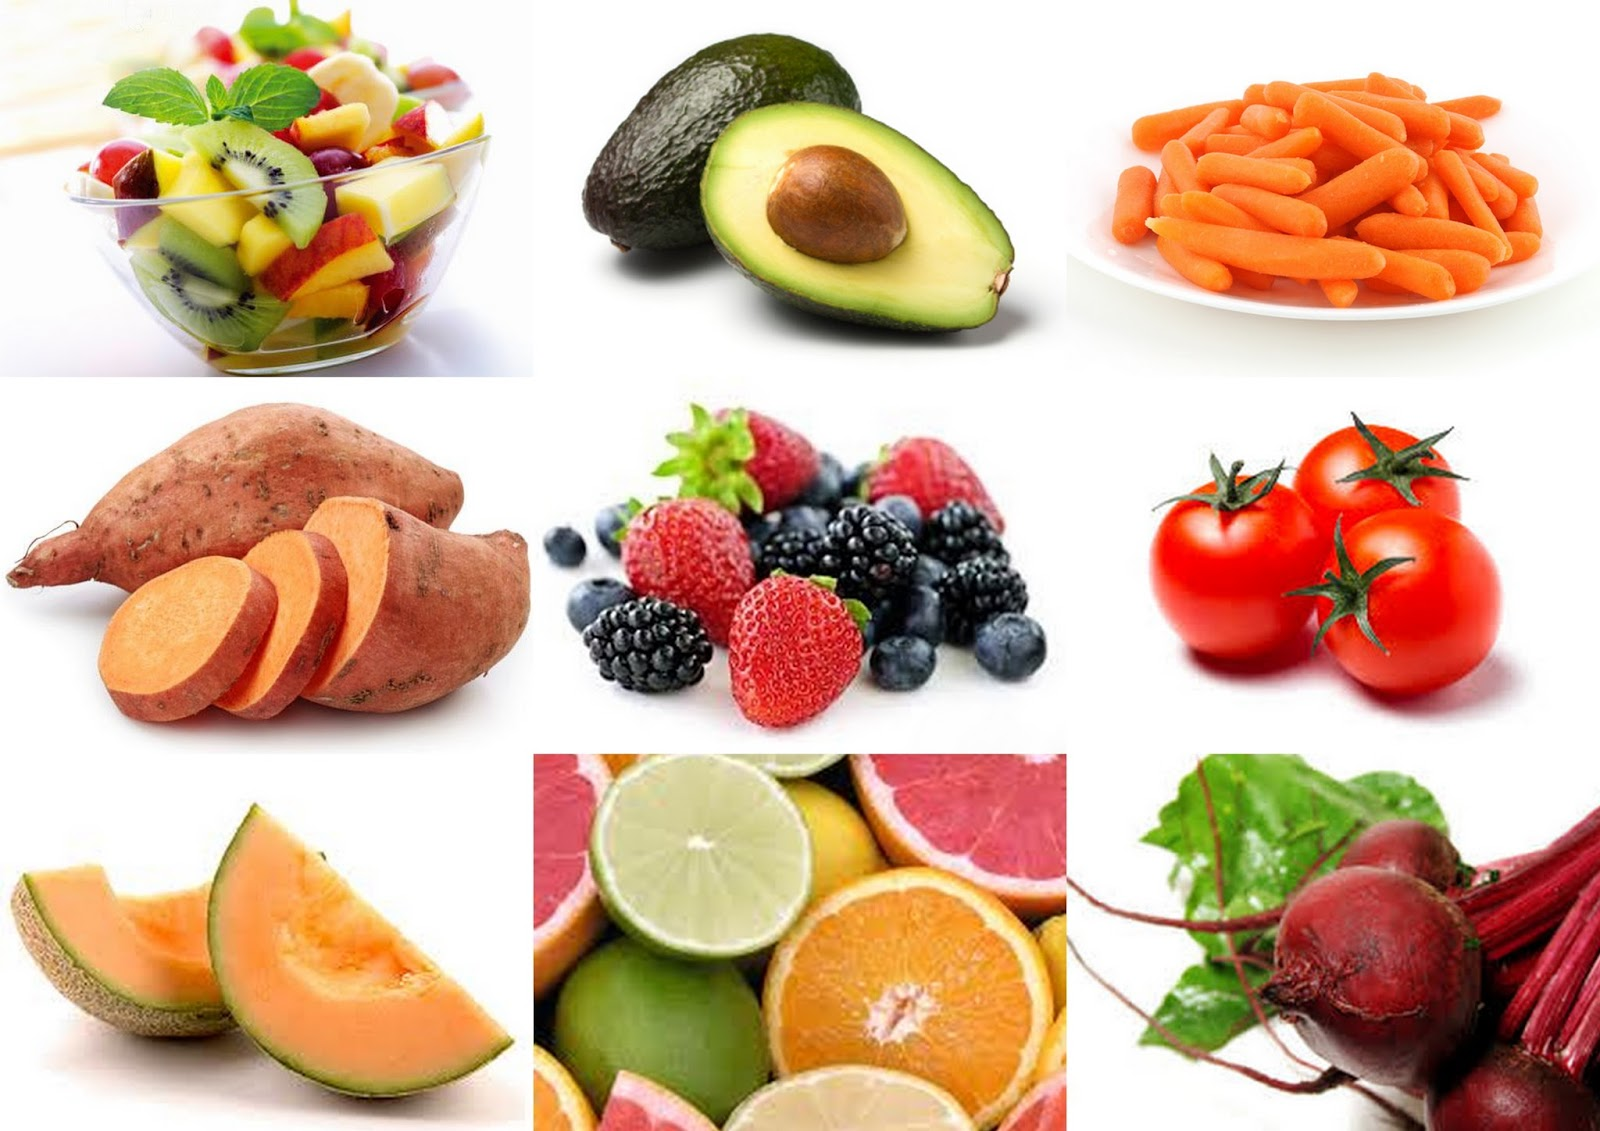 Những củ quả có màu cam hoặc đỏ rất giàu vitamin A